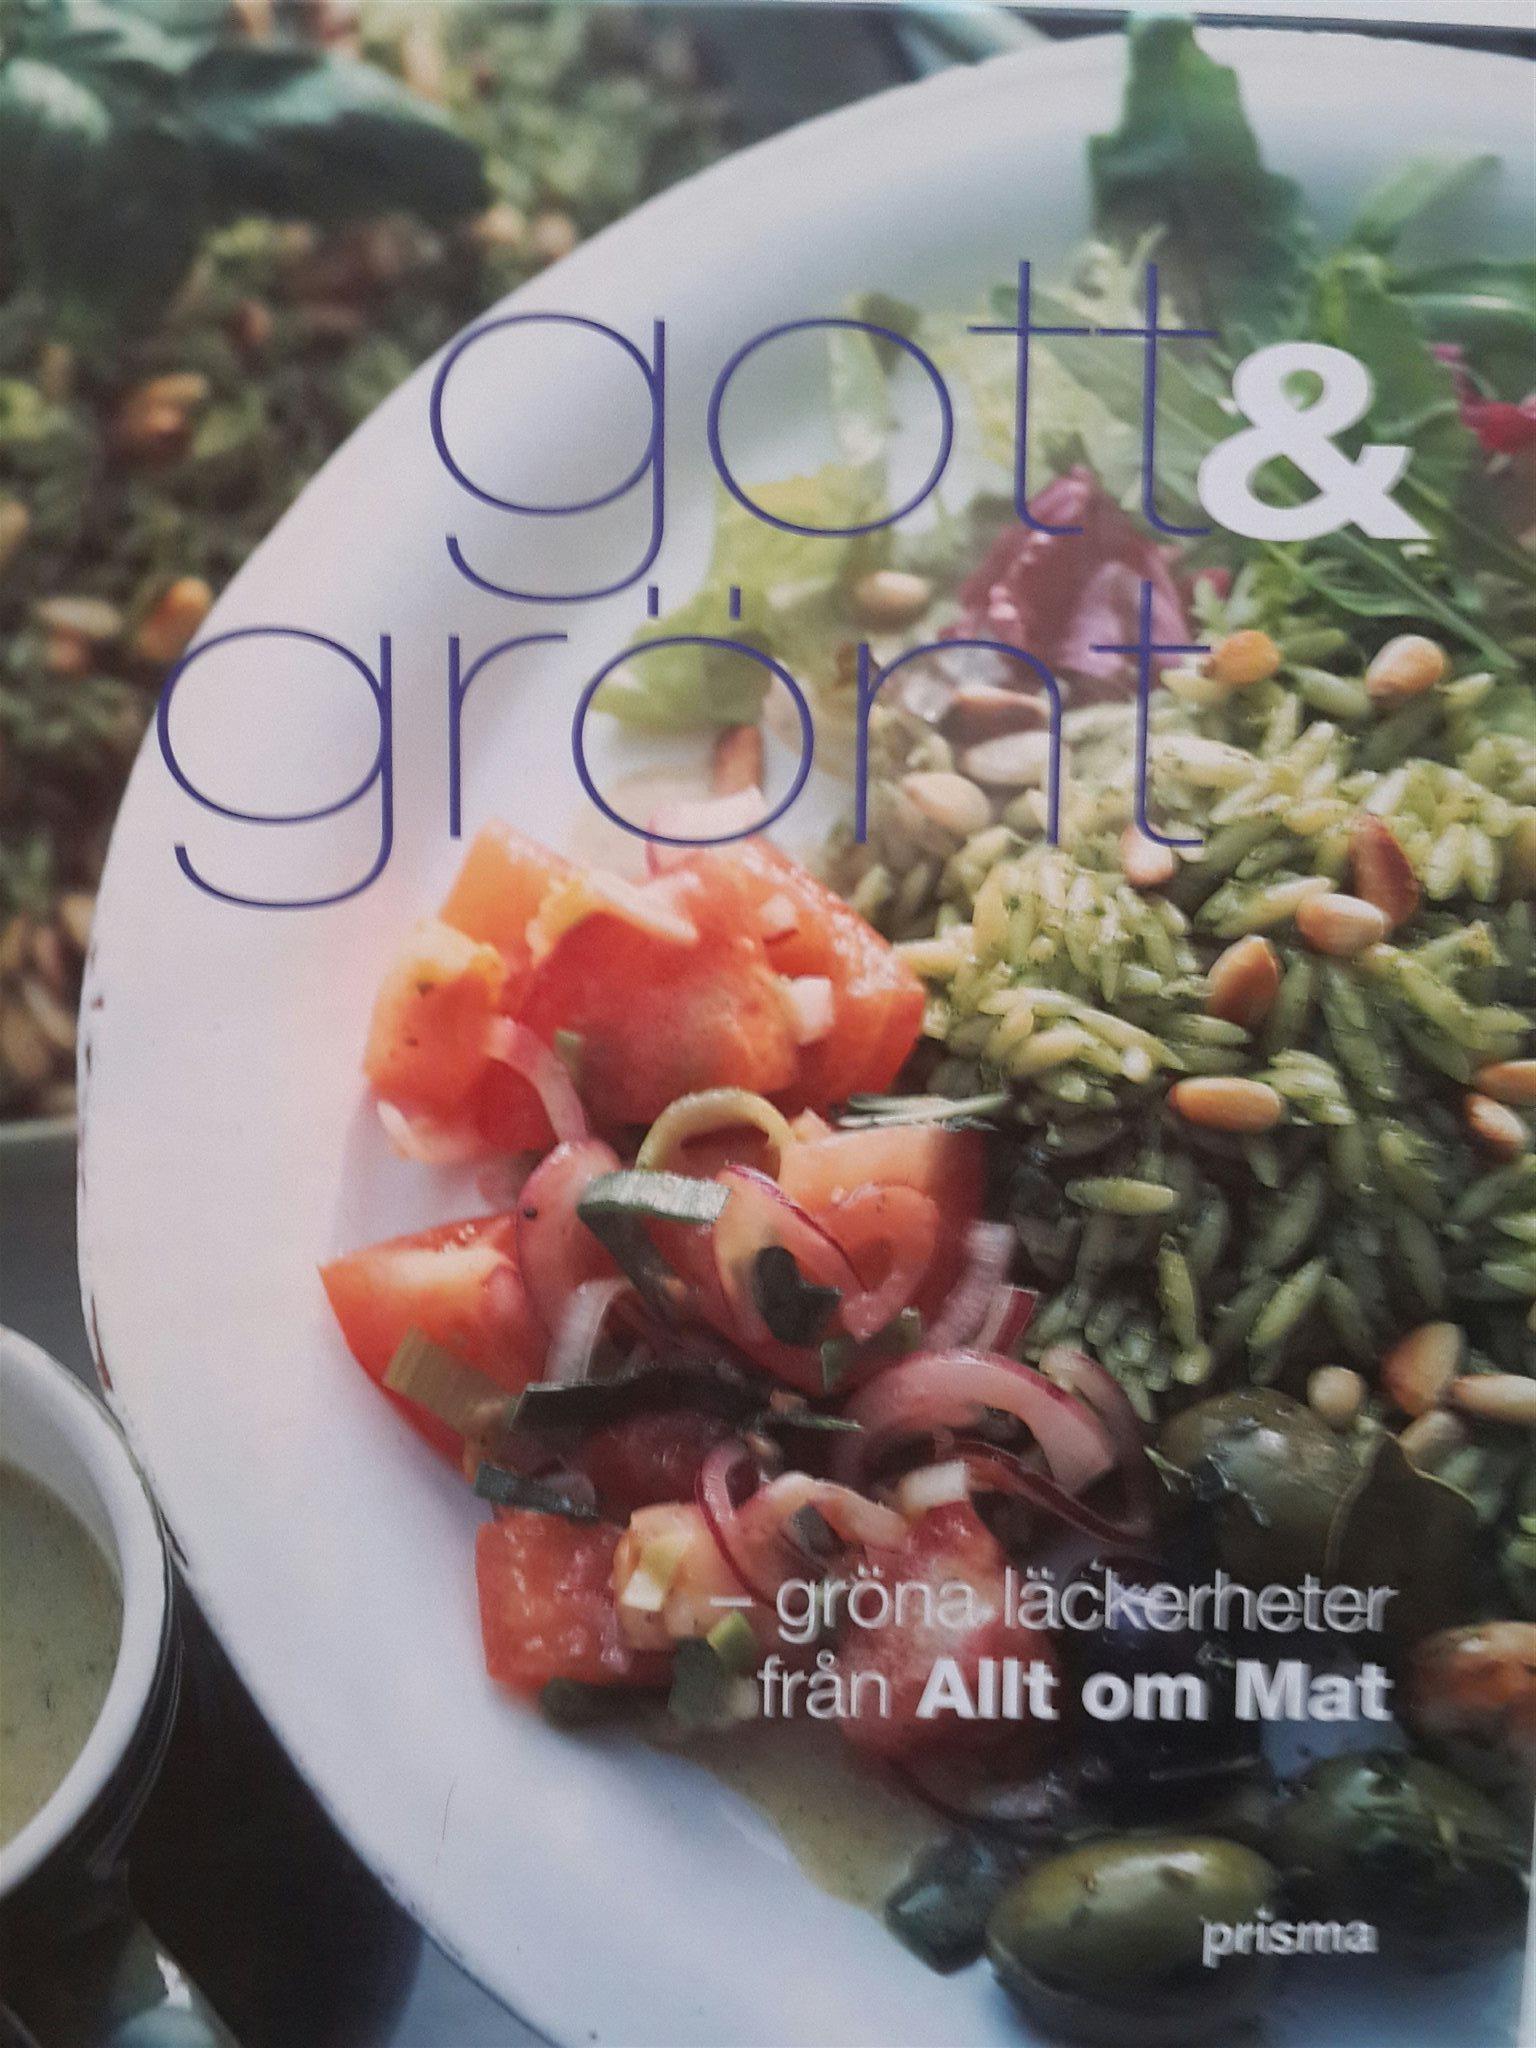 gott och grönt allt om mat